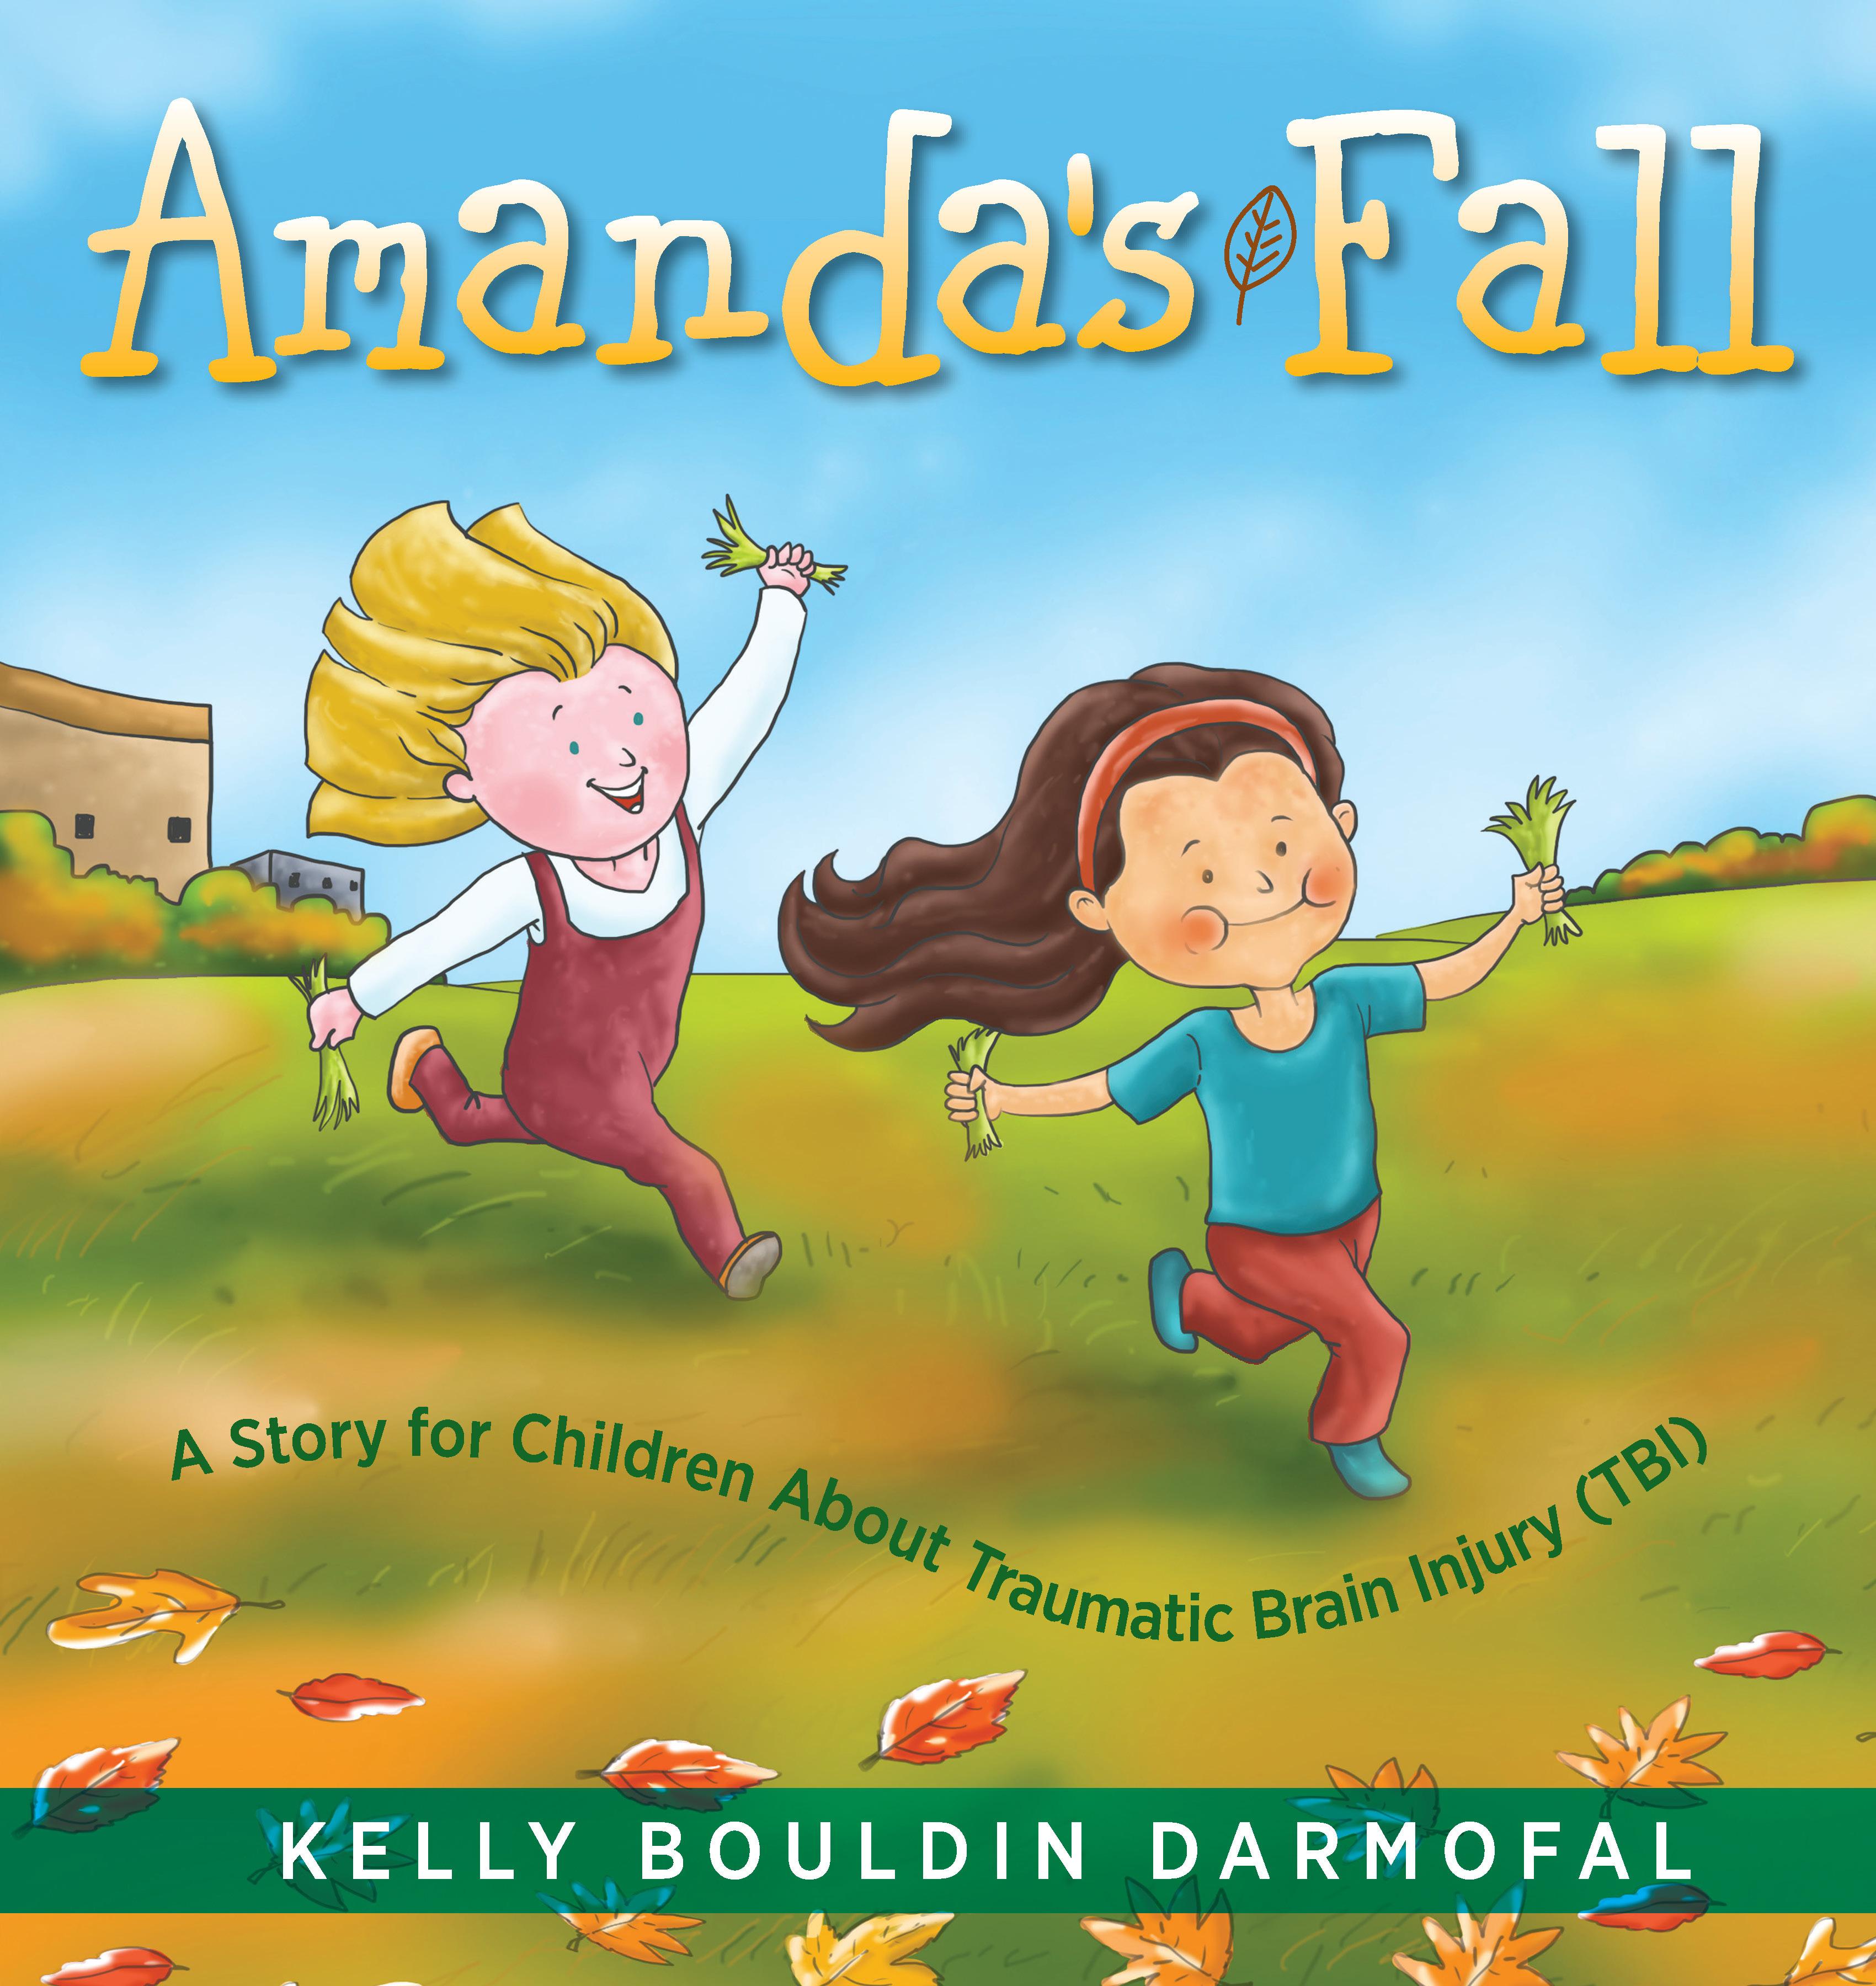 Amanda's Fall 978-1-61599-450-2